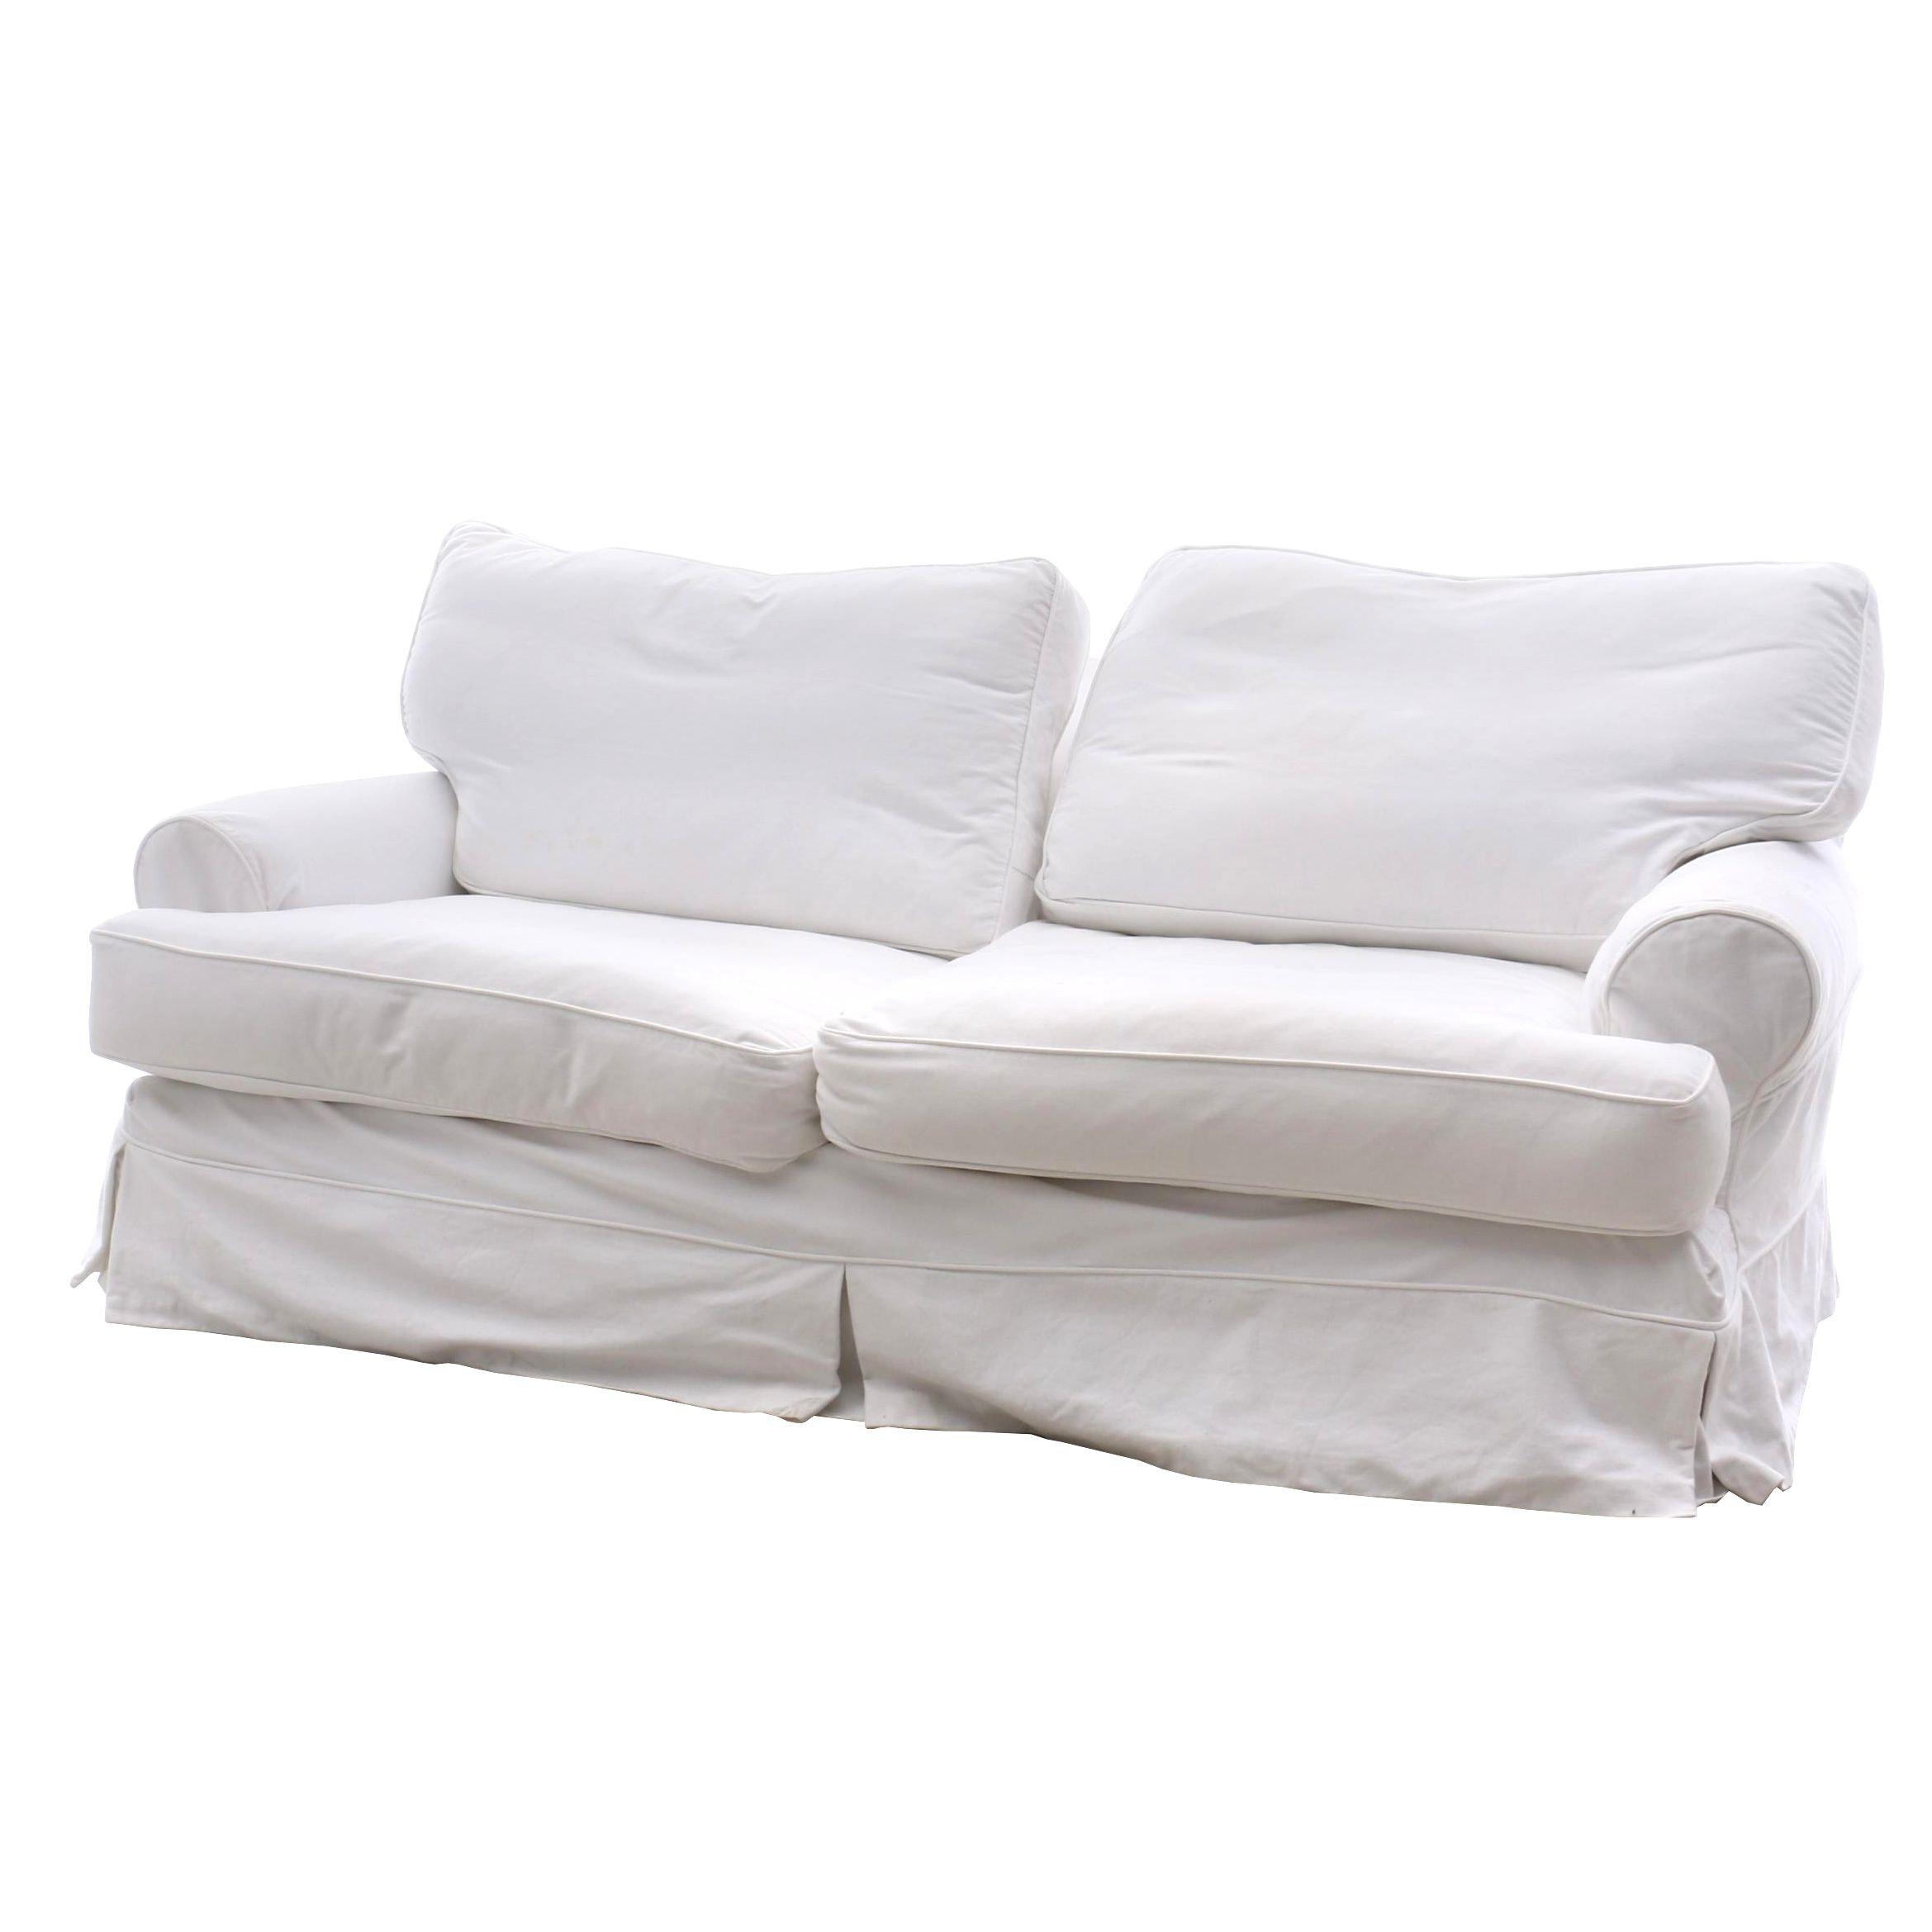 Rachel Ashwell Shabby Chic Slipcovered Loveseat Sofa